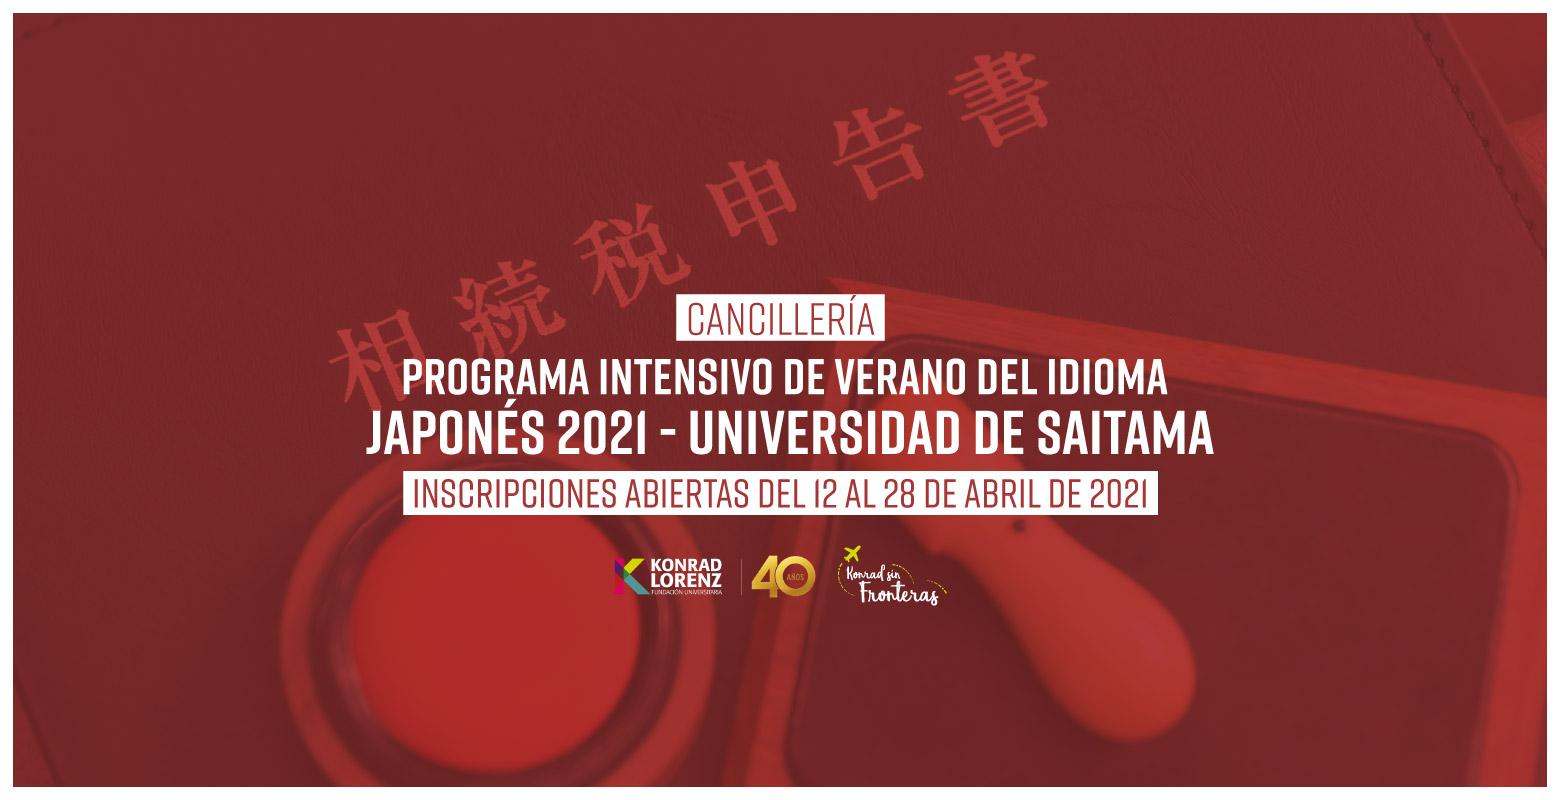 Programa Intensivo de Verano del Idioma Japonés 2021 - Universidad de Saitama